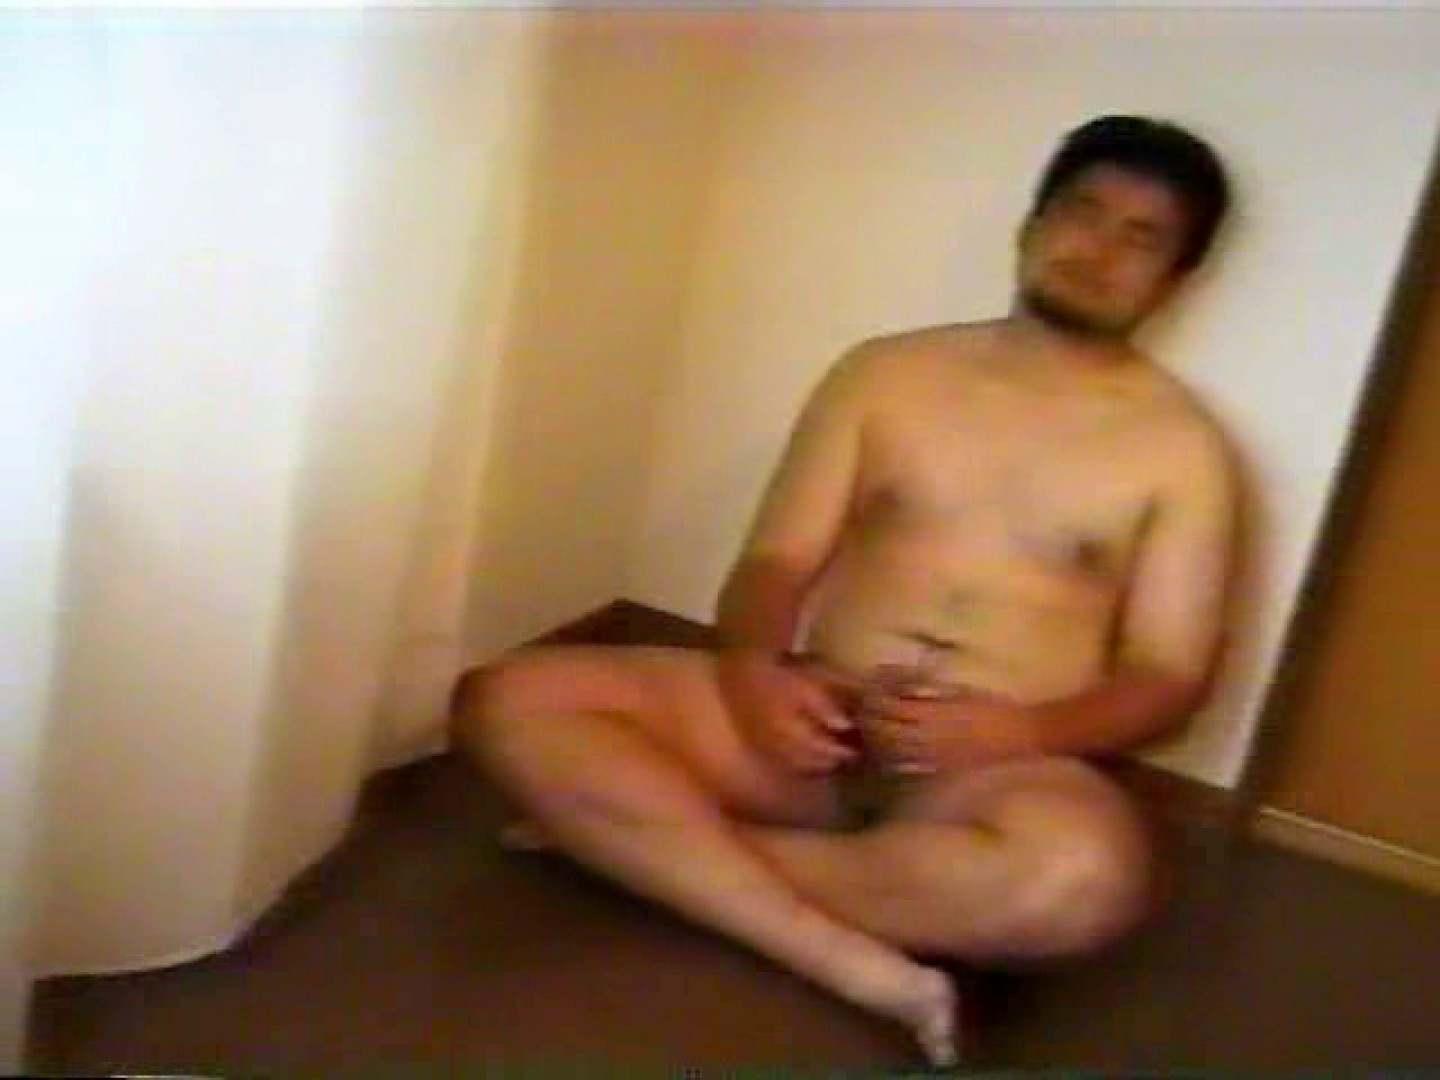 ラガーマン列伝!肉体派な男達VOL.2(オナニー編) ノンケのオナニー ゲイ無修正画像 66連発 27